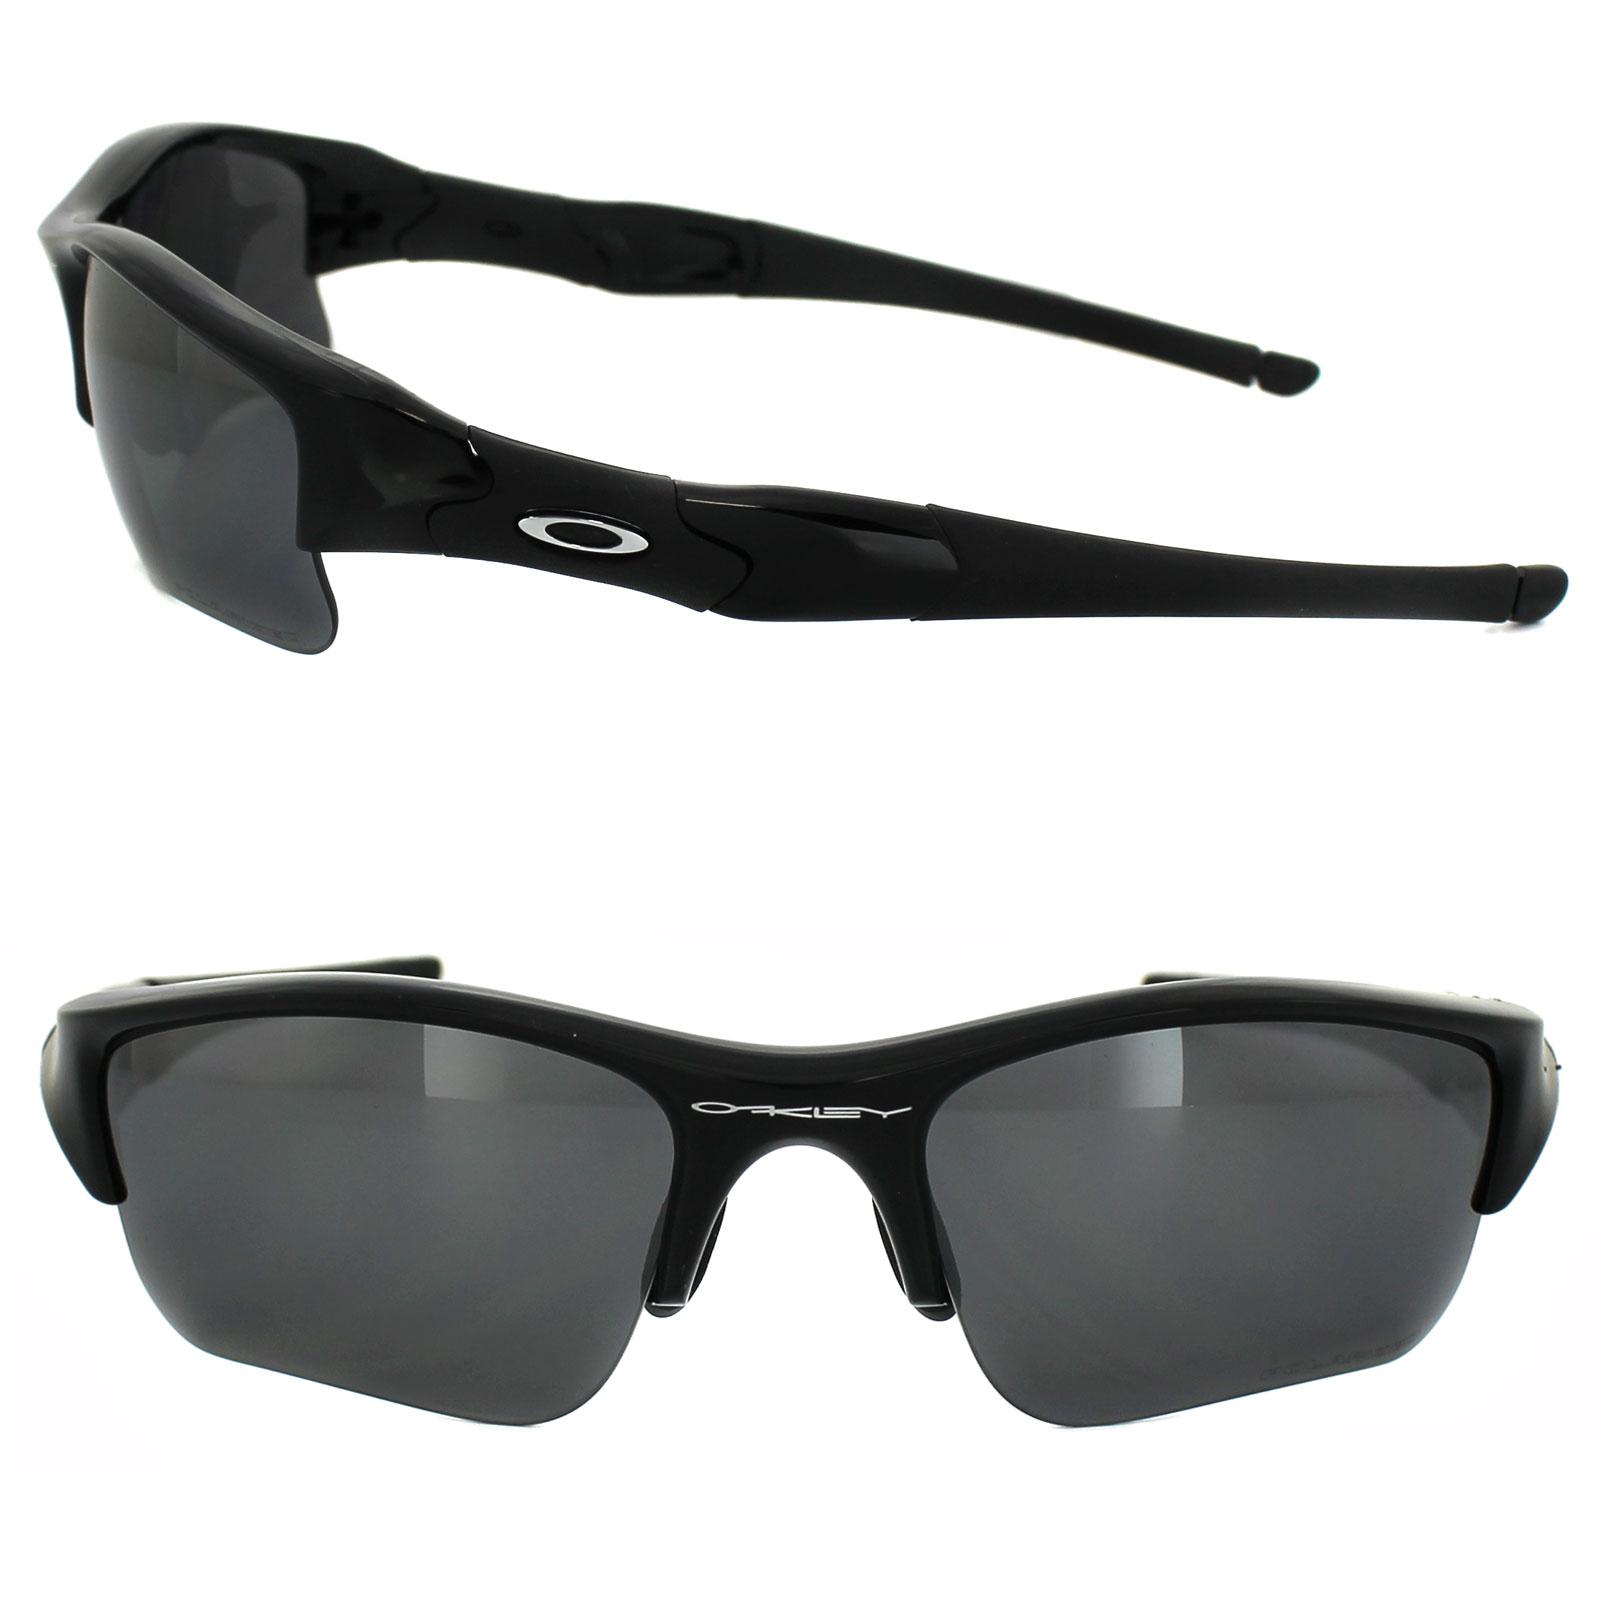 f0c3421dfd Oakley Sunglasses Flak Jacket XLJ Jet Black Iridium Polarized 12-903